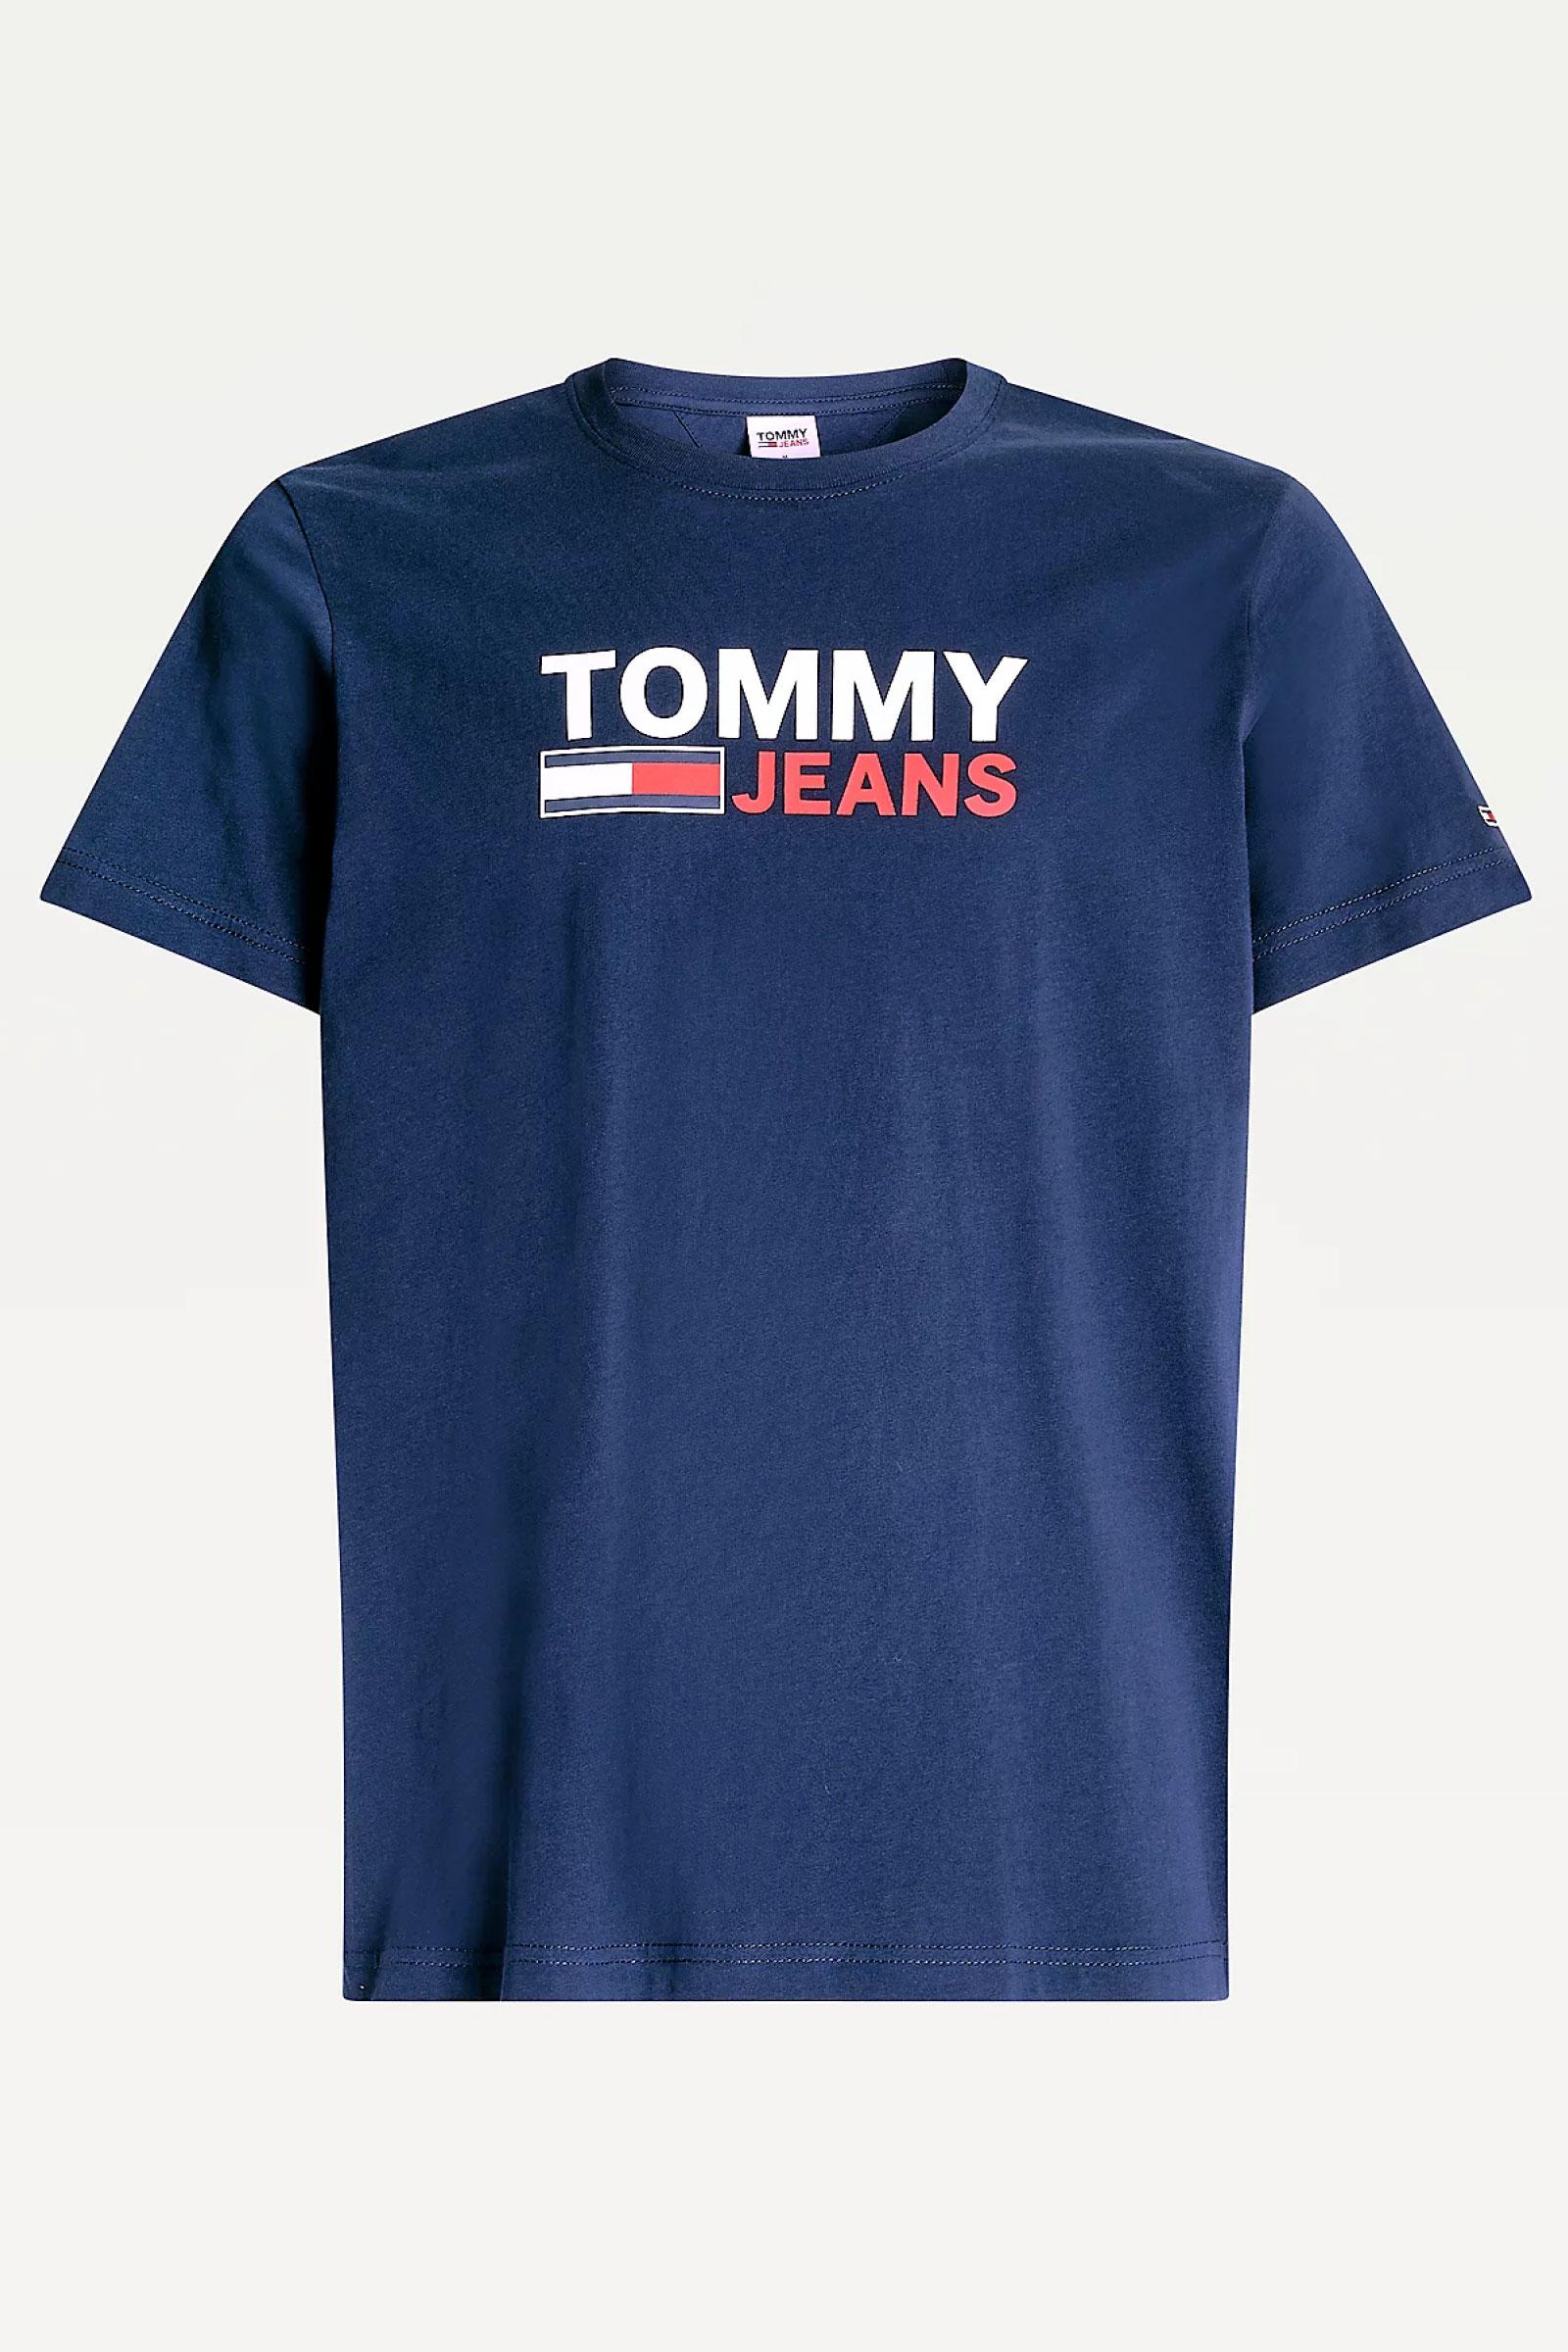 TOMMY JEANS | T-Shirt | DM0DM10214C87